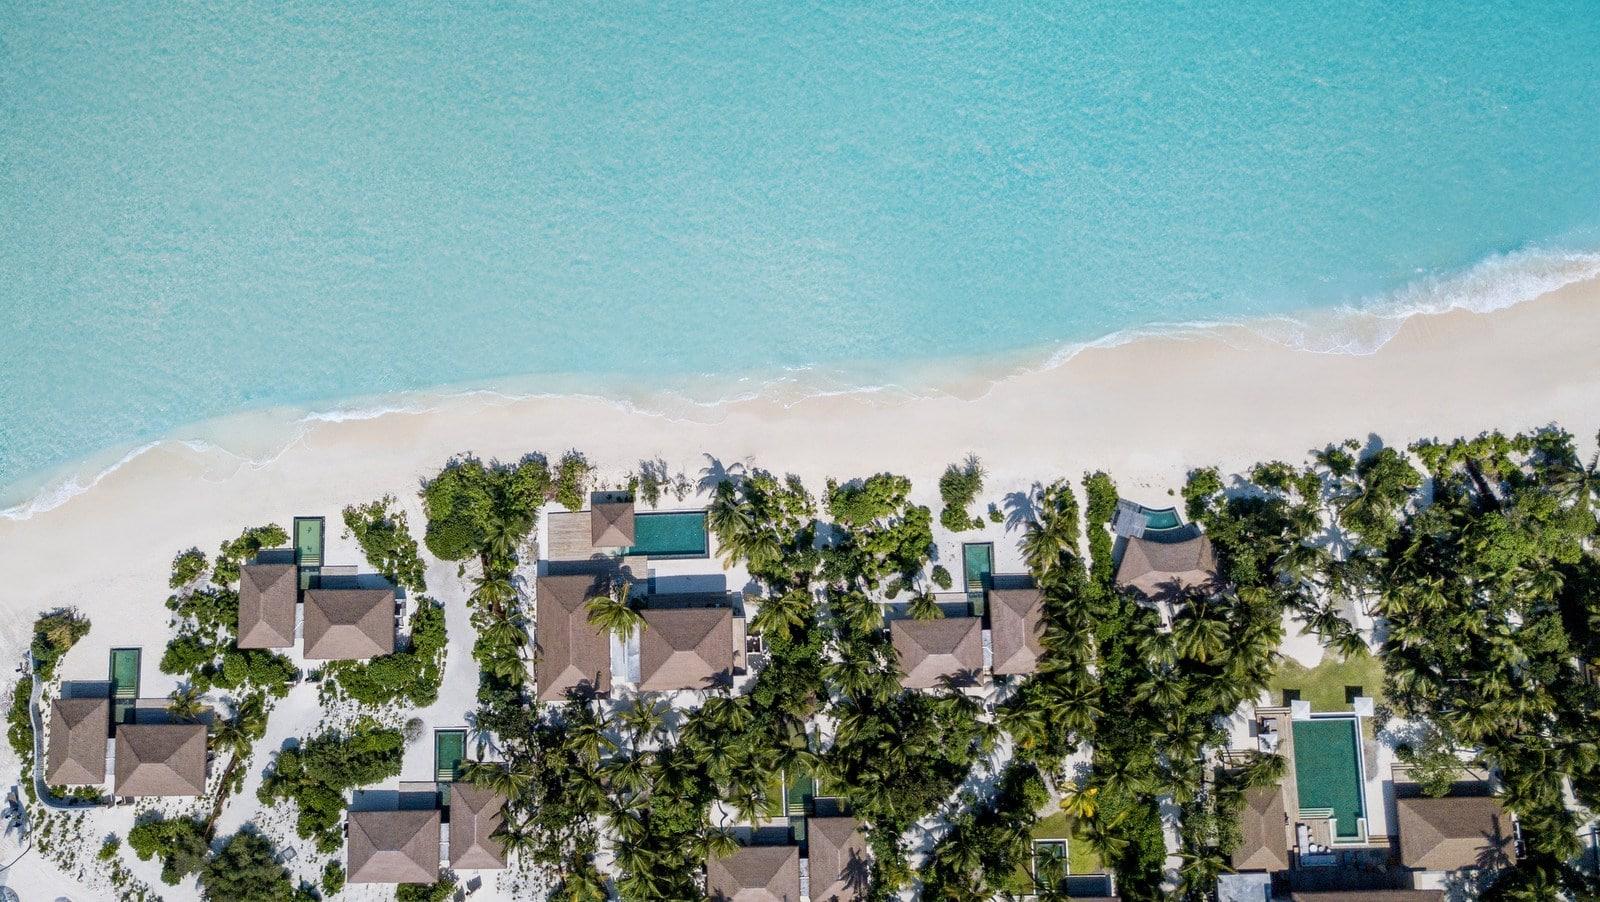 Мальдивы, отель Intercontinental Maldives Maamunagau, пляж